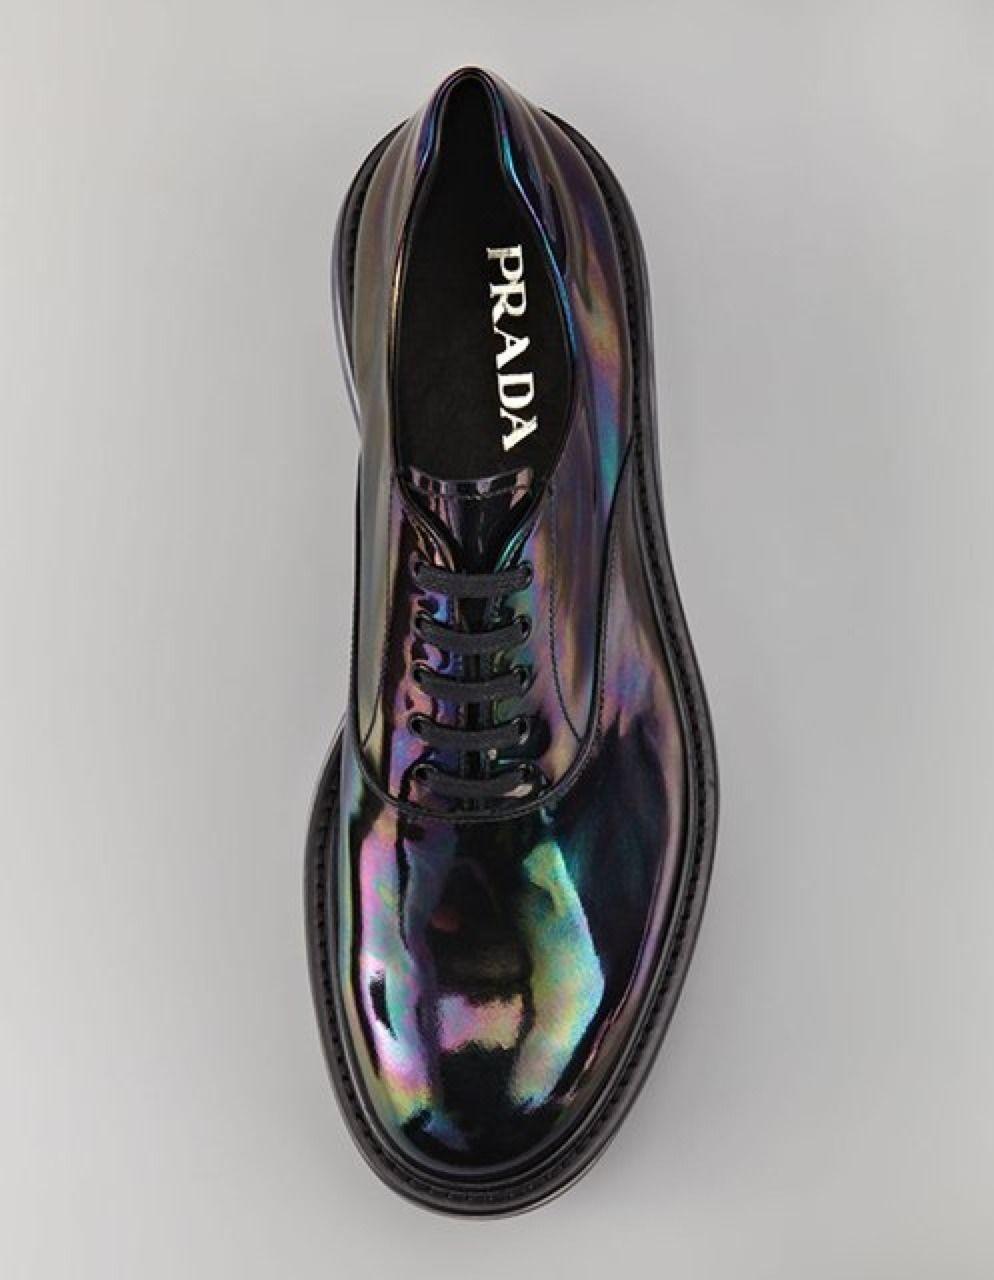 Prada Sale Http Www Outletcity Com De Metzingen Marken Outlet Prada Dress Shoes Men Best Shoes For Men Lace Up Shoes